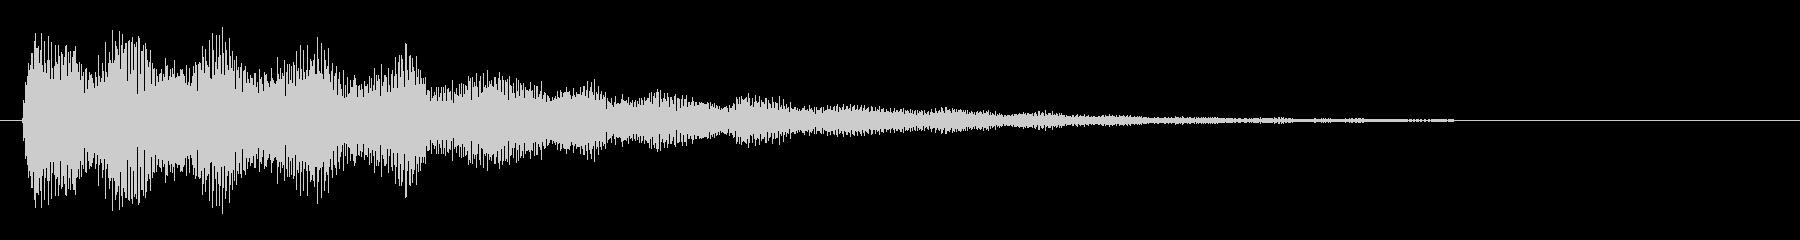 嫌な予感 不穏 ミステリー01 の未再生の波形